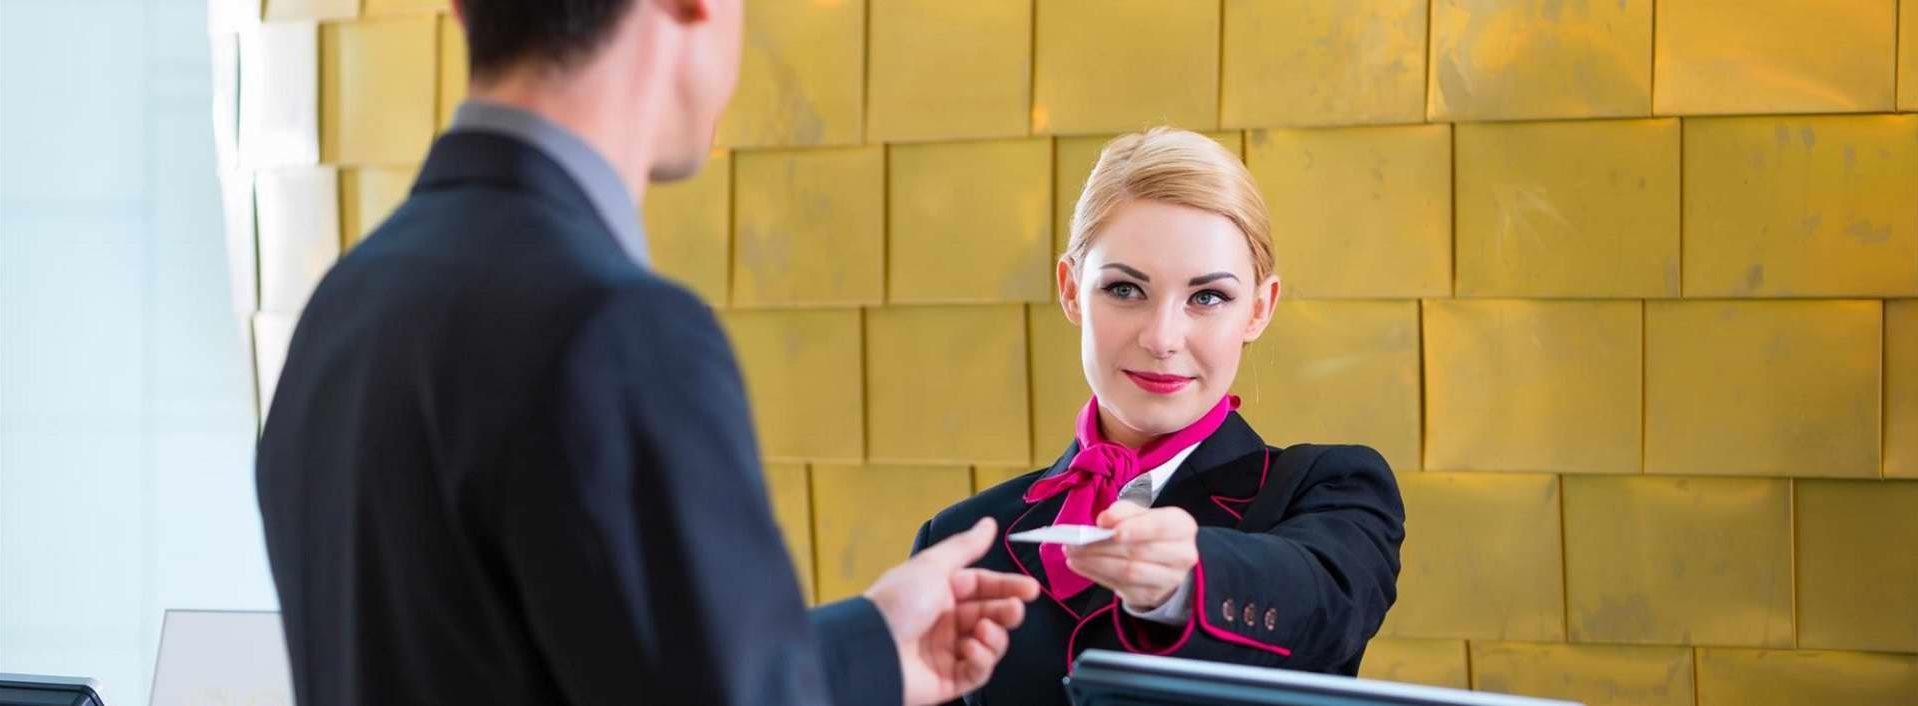 Anifor - Devenir Concierge dans un hotel de Luxe